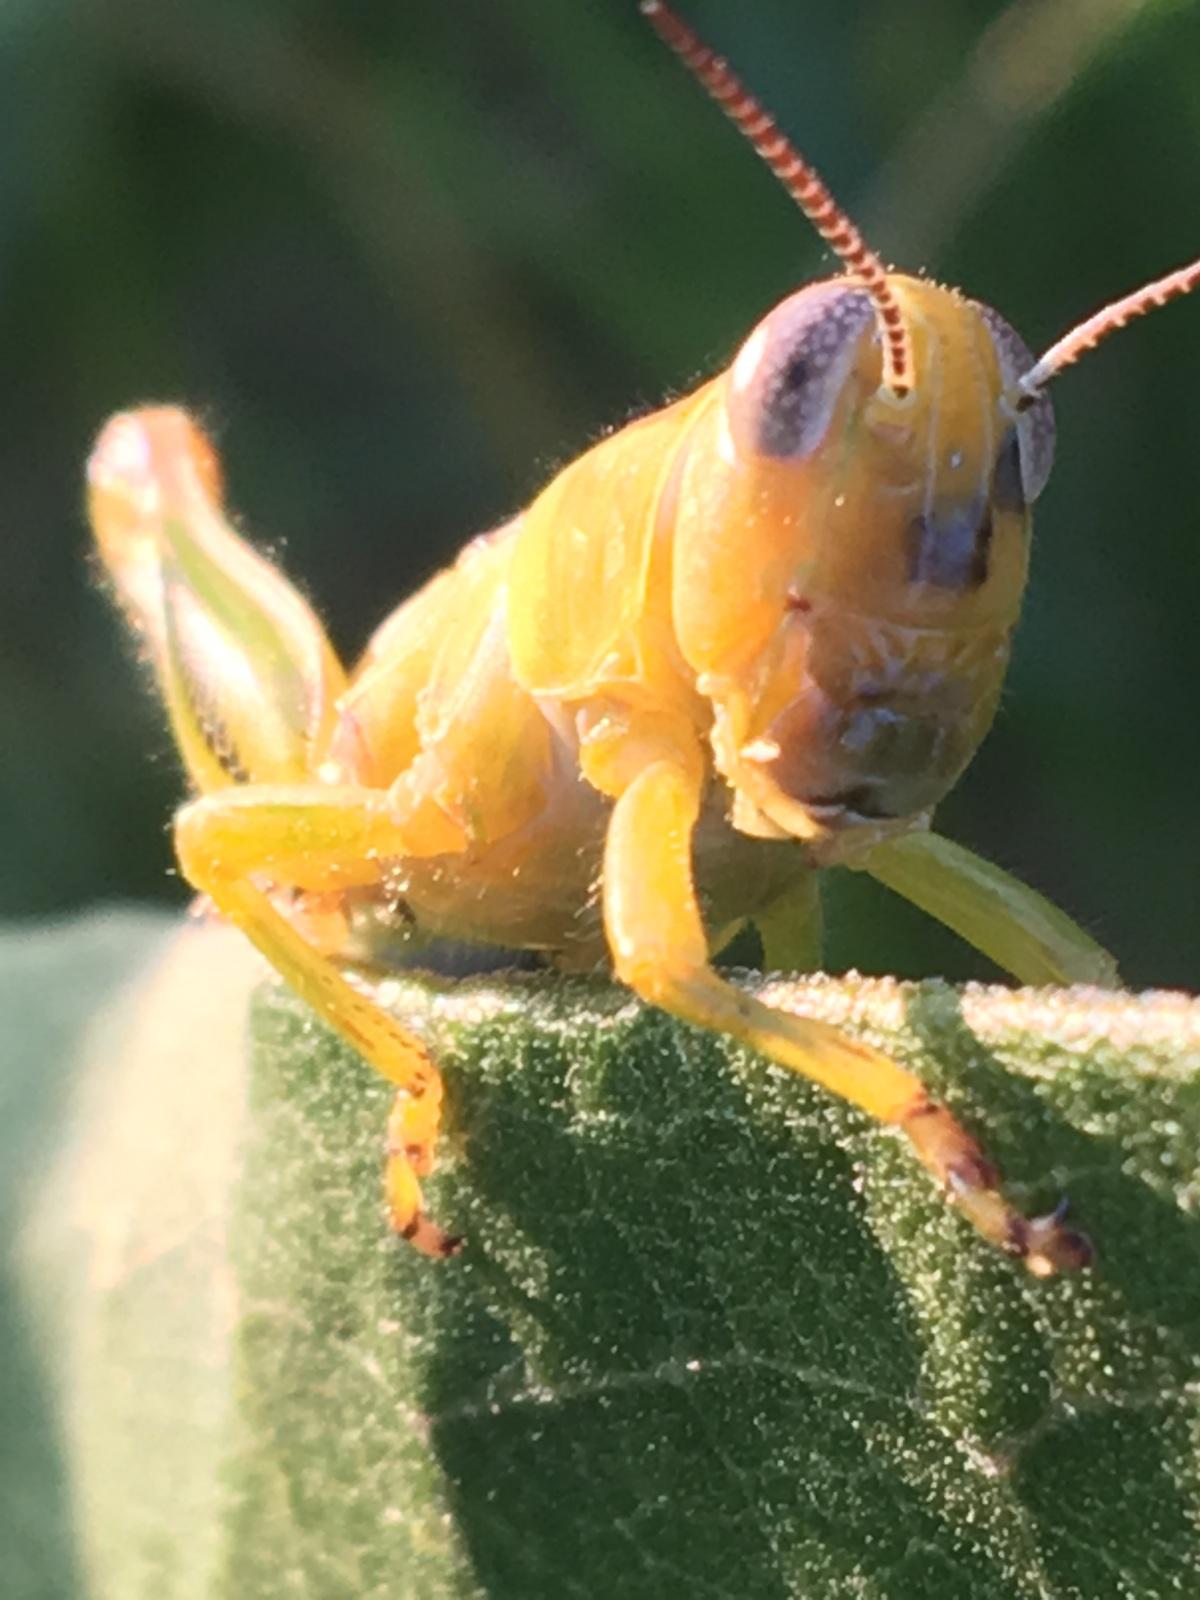 Grasshopper resting on a milkweed leaf.